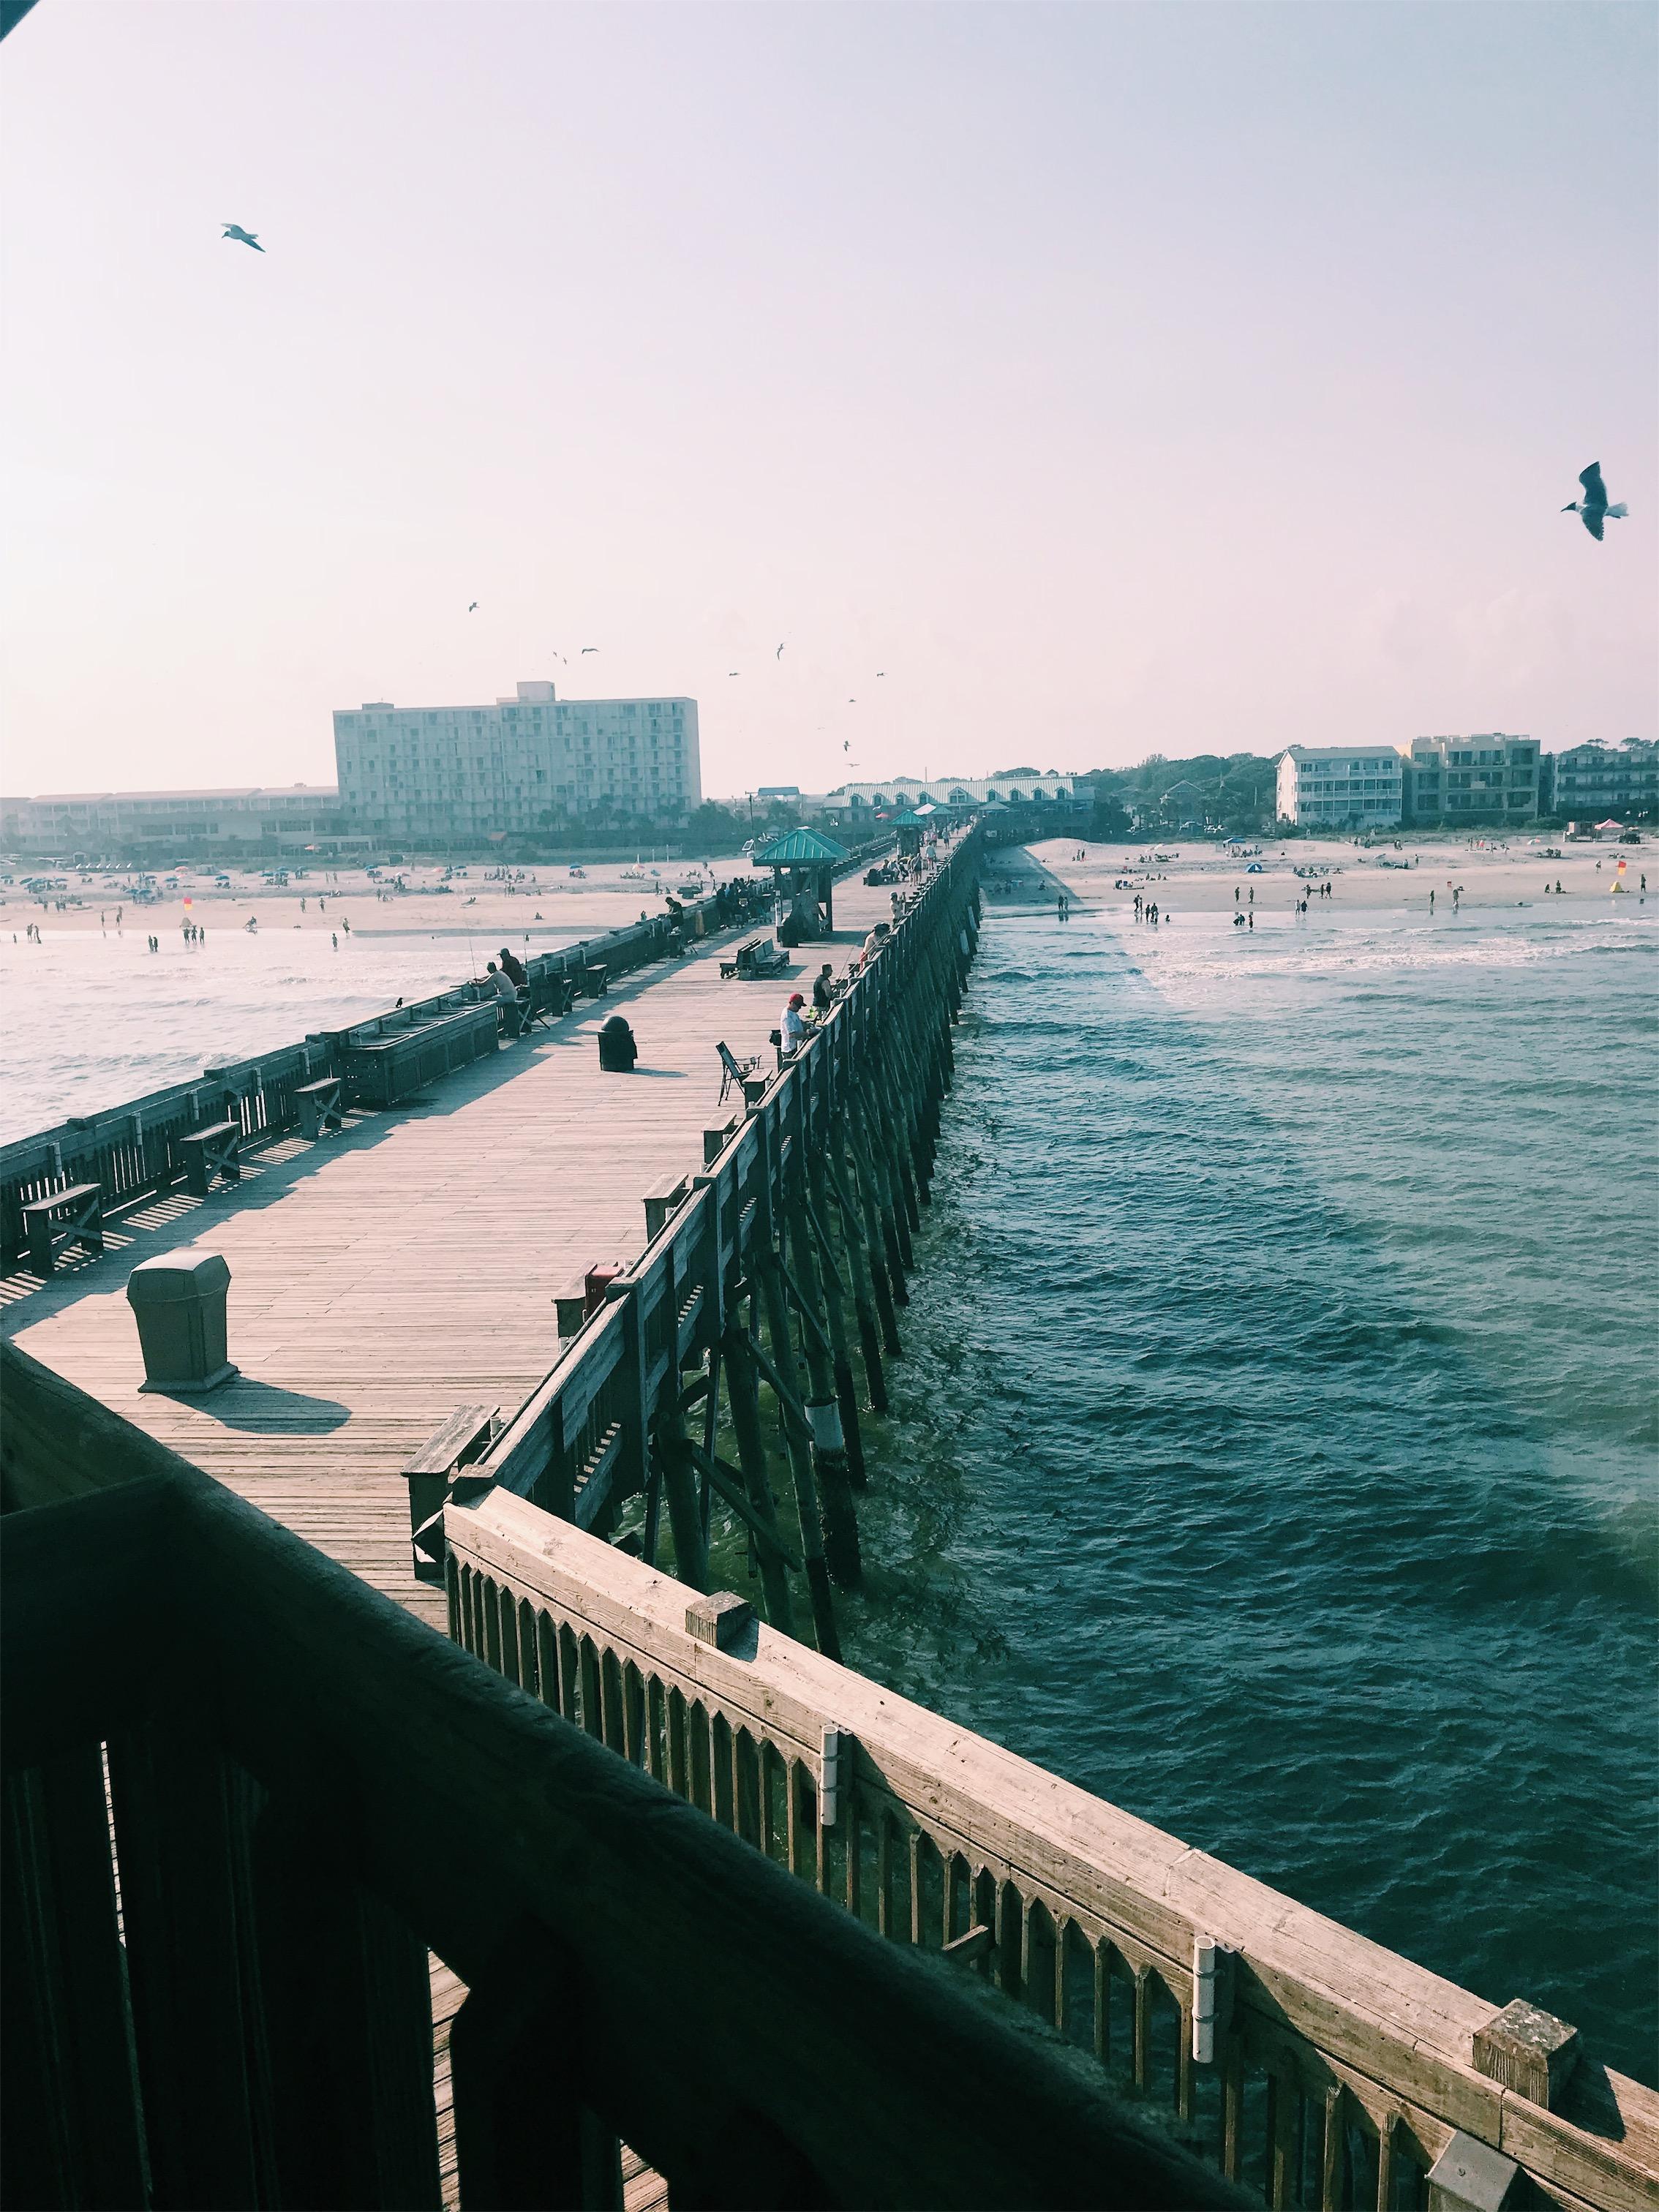 Folly Beach Pier View